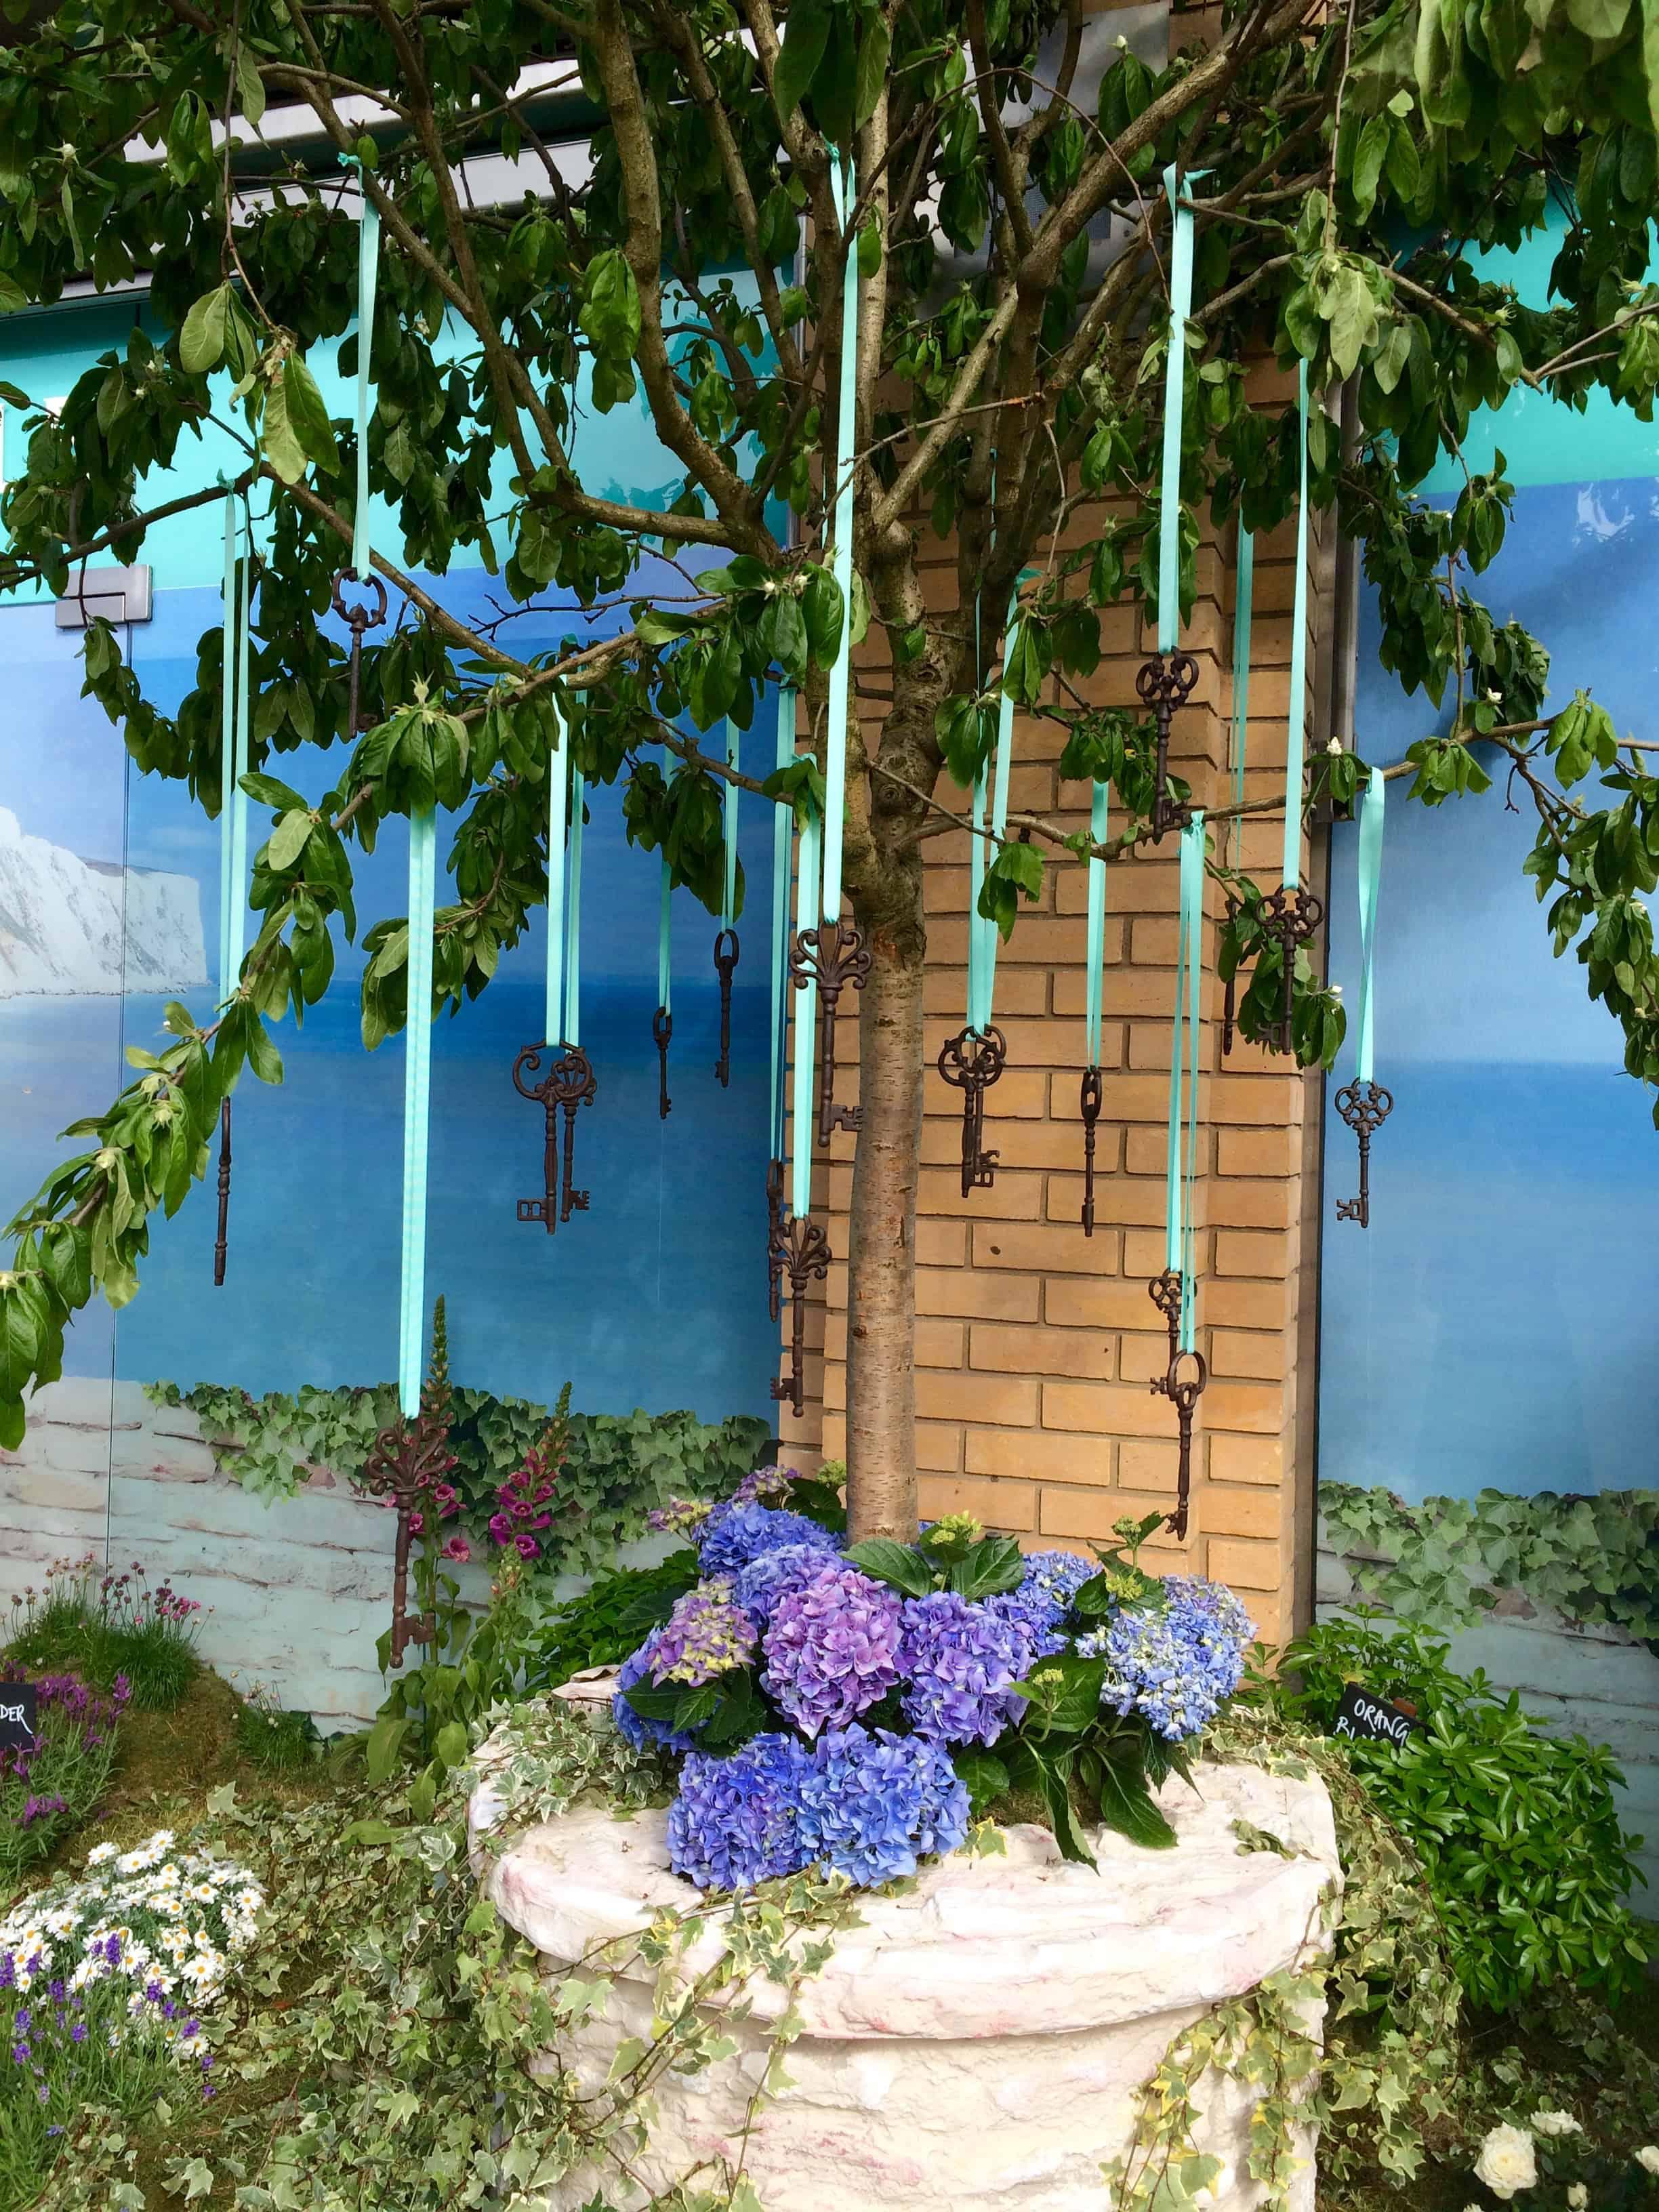 FloraldisplaysatMaryQuantforChelseainBloom